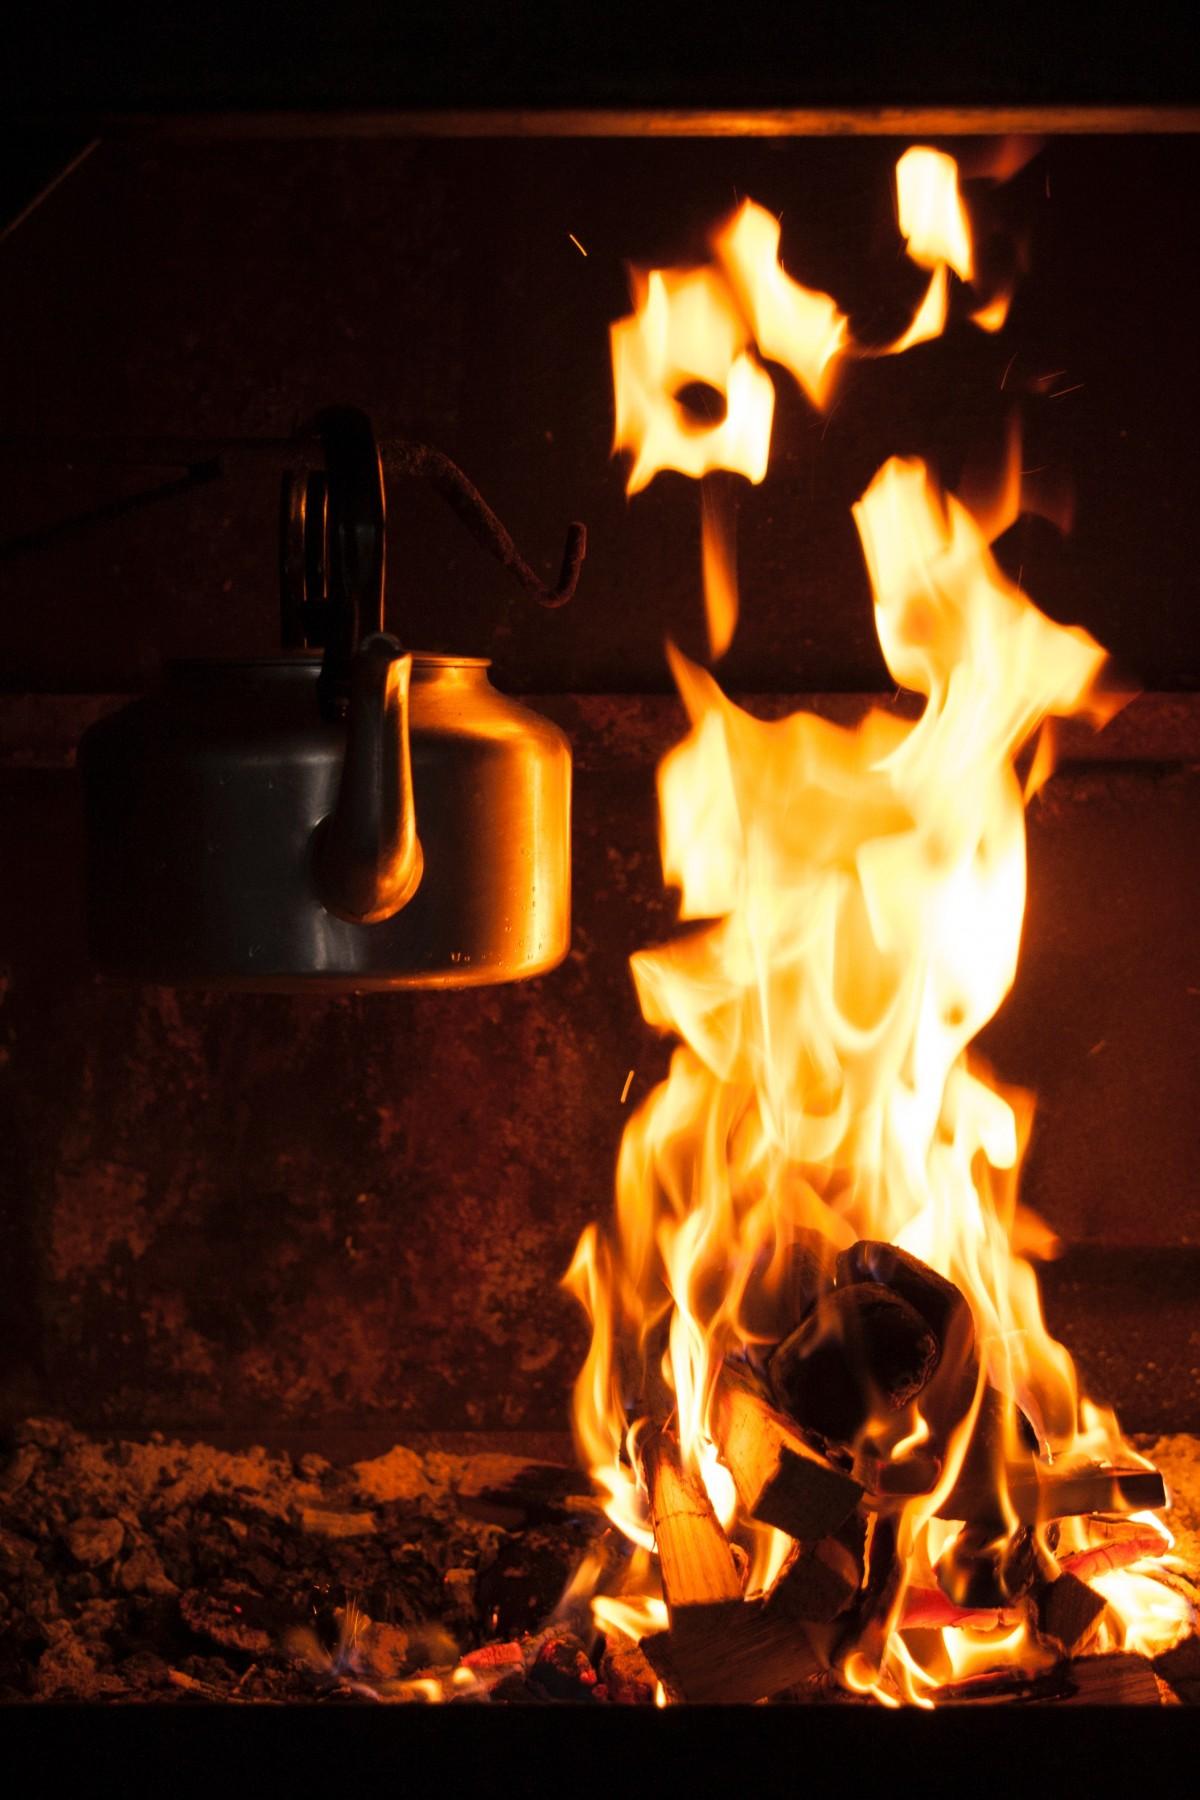 Hình ảnh ngọn lửa và siêu nước